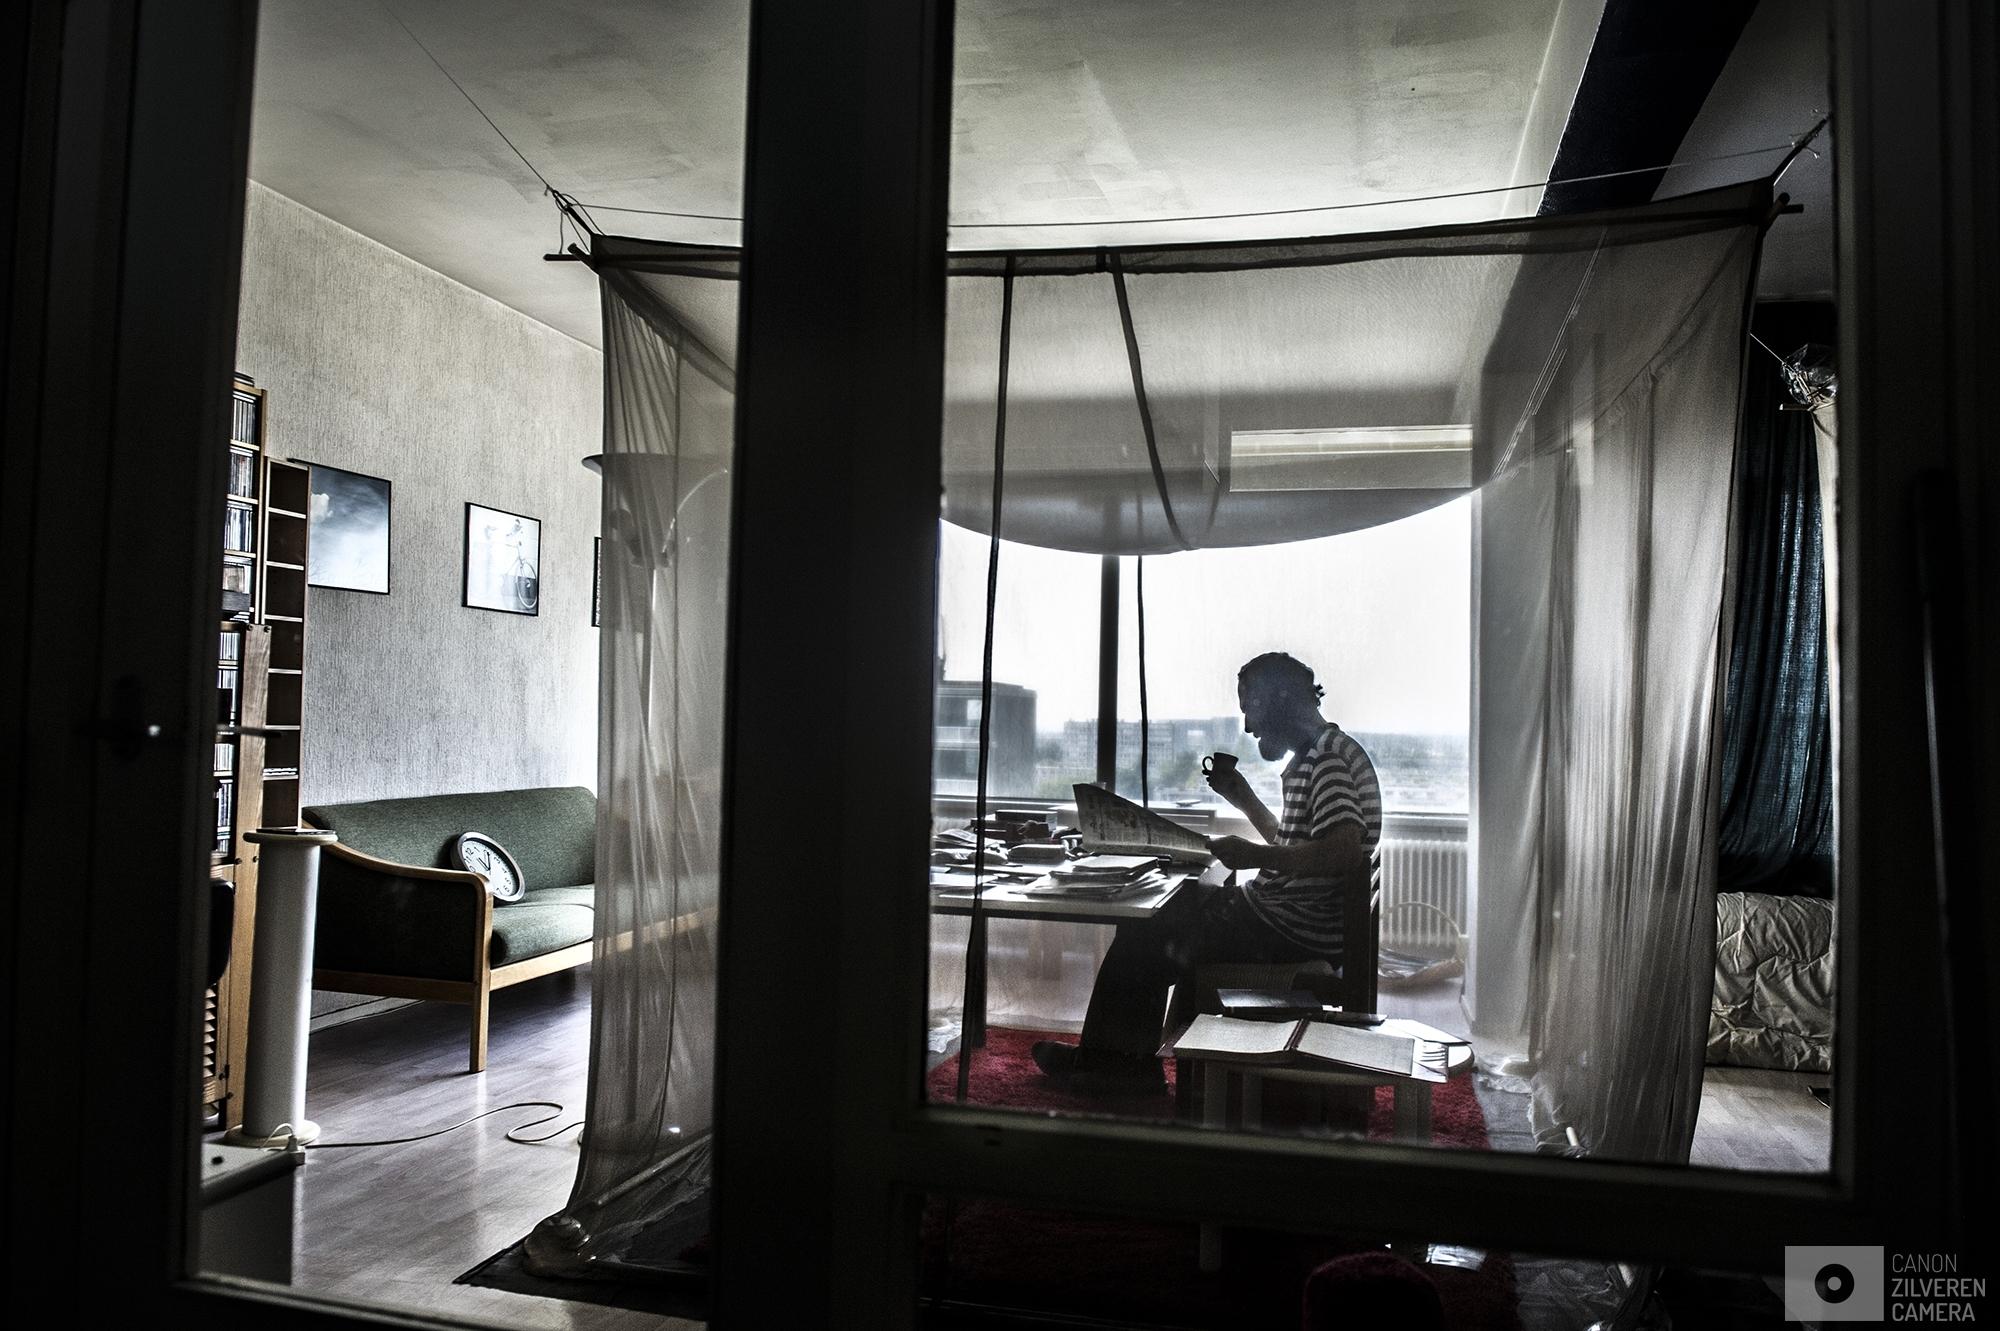 Nederland,Utrecht,29-08-2017leven met EHS   numr 1Nederland,Utrecht,29-08-2017 Henk de Moei , woont op 10 hoog tegen het centrum van Utrecht aan , zins 2005 heeft Henk in zijn woonkamer twee klamboe's met zilverdraad hangen een om in te slapen en een om in te leven. Deze werken als een kooi van faraday (Faraday' gebruikt voor ruimtes die elektromagnetische straling buitensluiten: elektromagnetisch dode ruimtes) In 2005 kreeg Henk veel last van vermoeidheid slapeloosheid en nog veel meer onverklaarbare klachten. Na veel zoeken kwam Henk tot de conclusie dat de UMTS masten op het dak van de flat waar hij woont de oorzaak moet zijn. Als Henk nu thuis is dan zit hij nu in zijn zilveren kooi beschermt tegen de Hoogfrequente elektromagnetische straling van de umts masten. Toen er spraken was dat er een umts mast op het dak van de flat zou komen heeft hij zijn protest laten horen maar dit haalde weinig tot niks uit , omdat de service  kosten van de flat voor iedereen omlaag zouden gaan als de mast wel op het dak zou komen.Henk is erg boos en verdrietig en gefrustreerd geweest. Maar hij heeft zich bij deze oplossing neergelegd. Maar het kost hem heel veel geld op alle aanpassingen te doen. Hij heeft al meerde klamboes versleten die elk zo/n 2000,- euro kosten.Ook ligt er een speciaal doek die de straling tegenhoud op de grond.  verhuizen zou voor hem een hoop oplossen doet hij dat toch liever niet , nu zit hij 5 min lopen van het centrum van Utrecht en op het stadion staat hij dus ook zo. Henk kan uren door brengen in zijn zilveren kooi. Hij zet dan zijn tape recorder aan en dan kan  hij 2 x 90 minuten tot dat bandje twee kanten heeft gehad ongemoeid lezen. Iets met een antenne of straling zul je niet bij Henk vinden  om de zoveel dagen gaat hij naar de bibliotheek om zijn mail te bekijken.